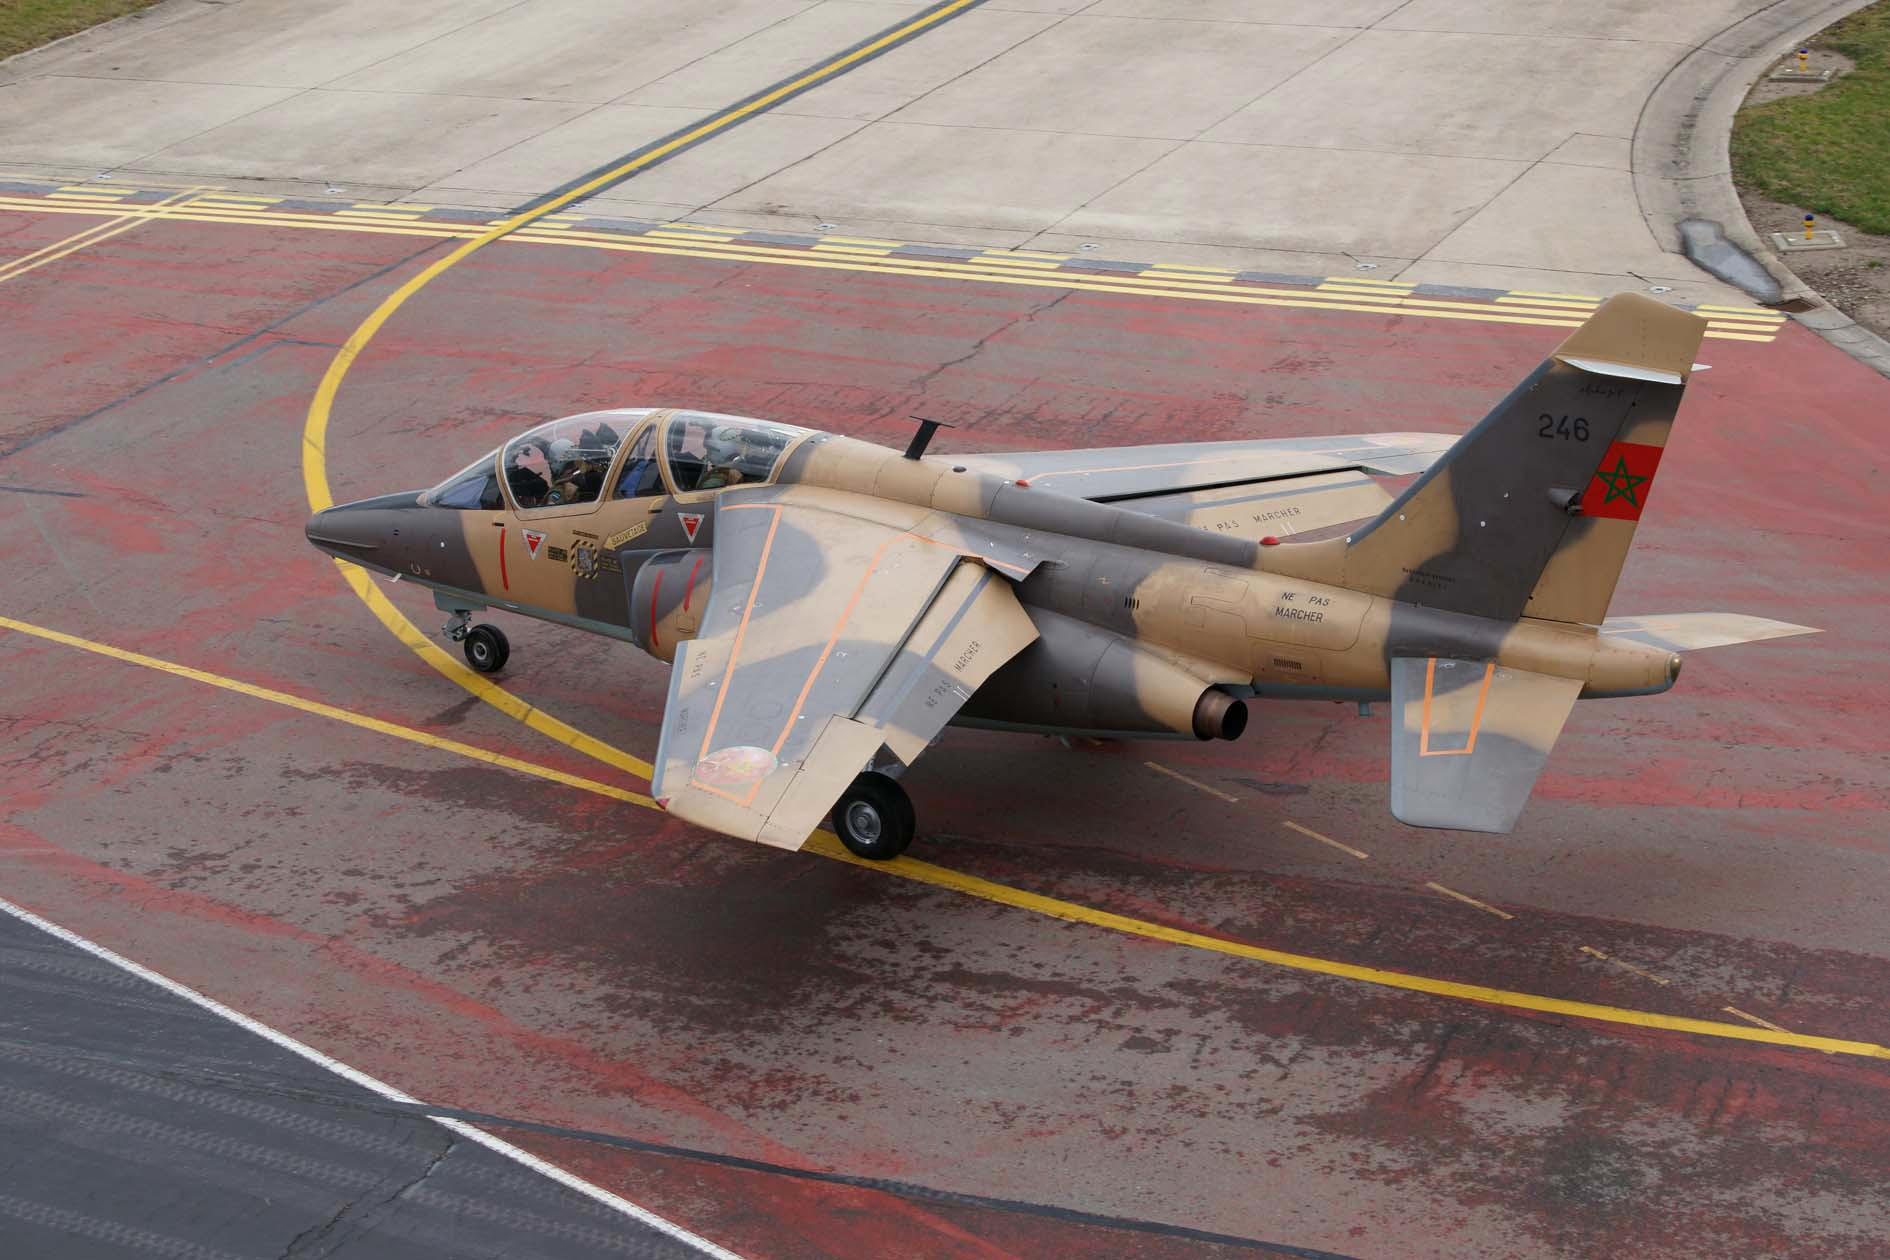 FRA: Photos avions d'entrainement et anti insurrection - Page 10 49791142532_c691ebc91e_o_d